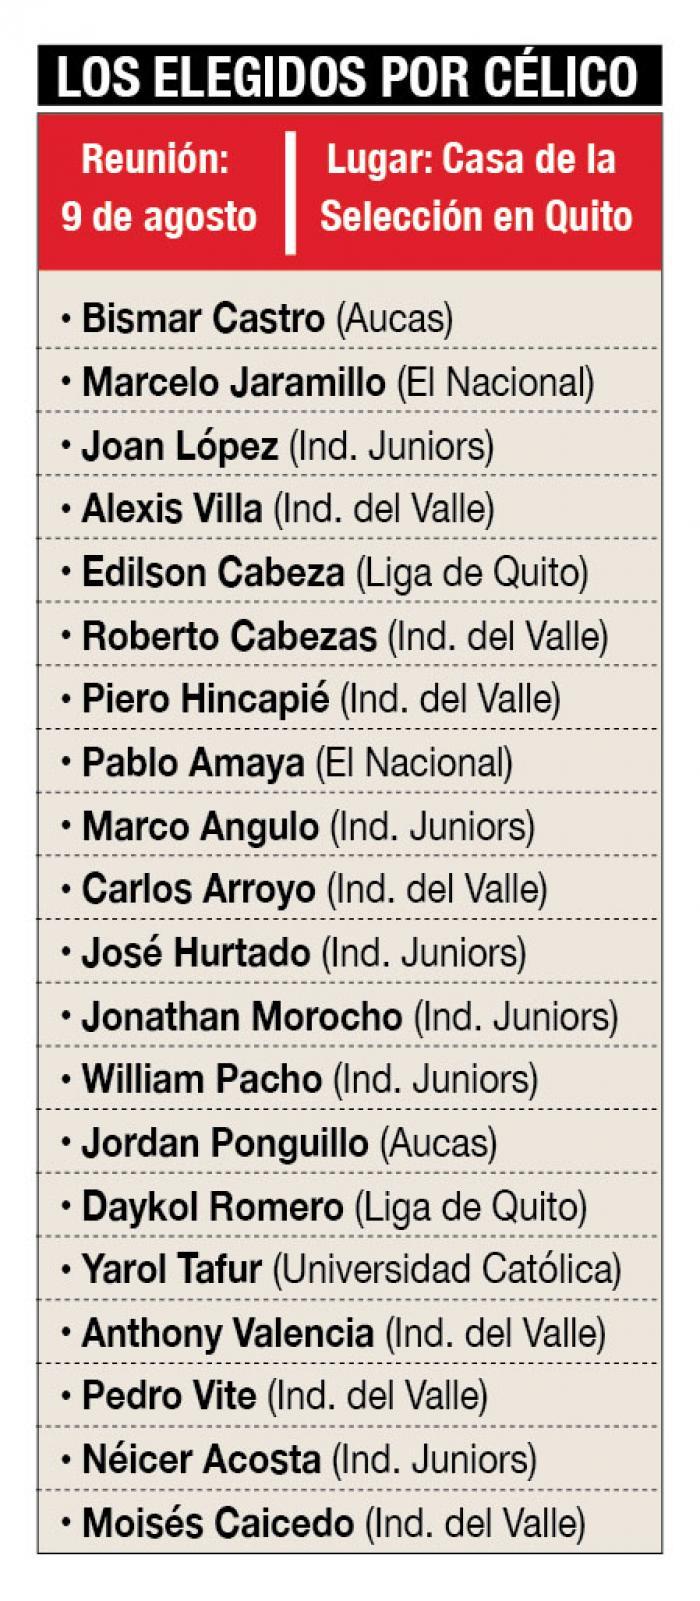 Nómina+Selección+Sub-20+Celico